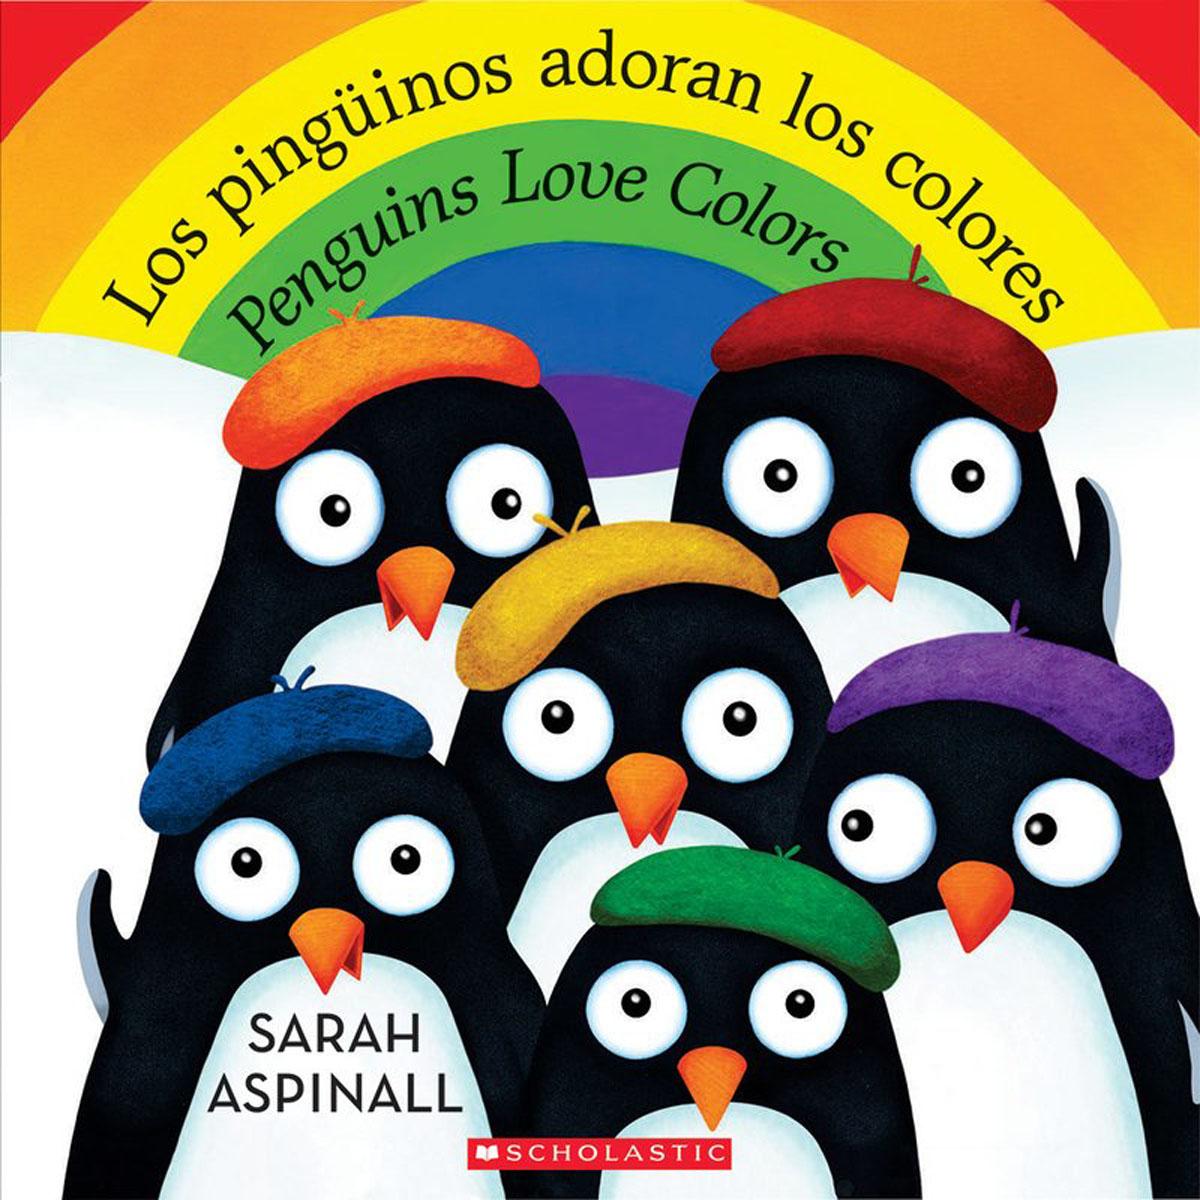 Los pinguinos adoran los colores los pinguinos adoran los colores